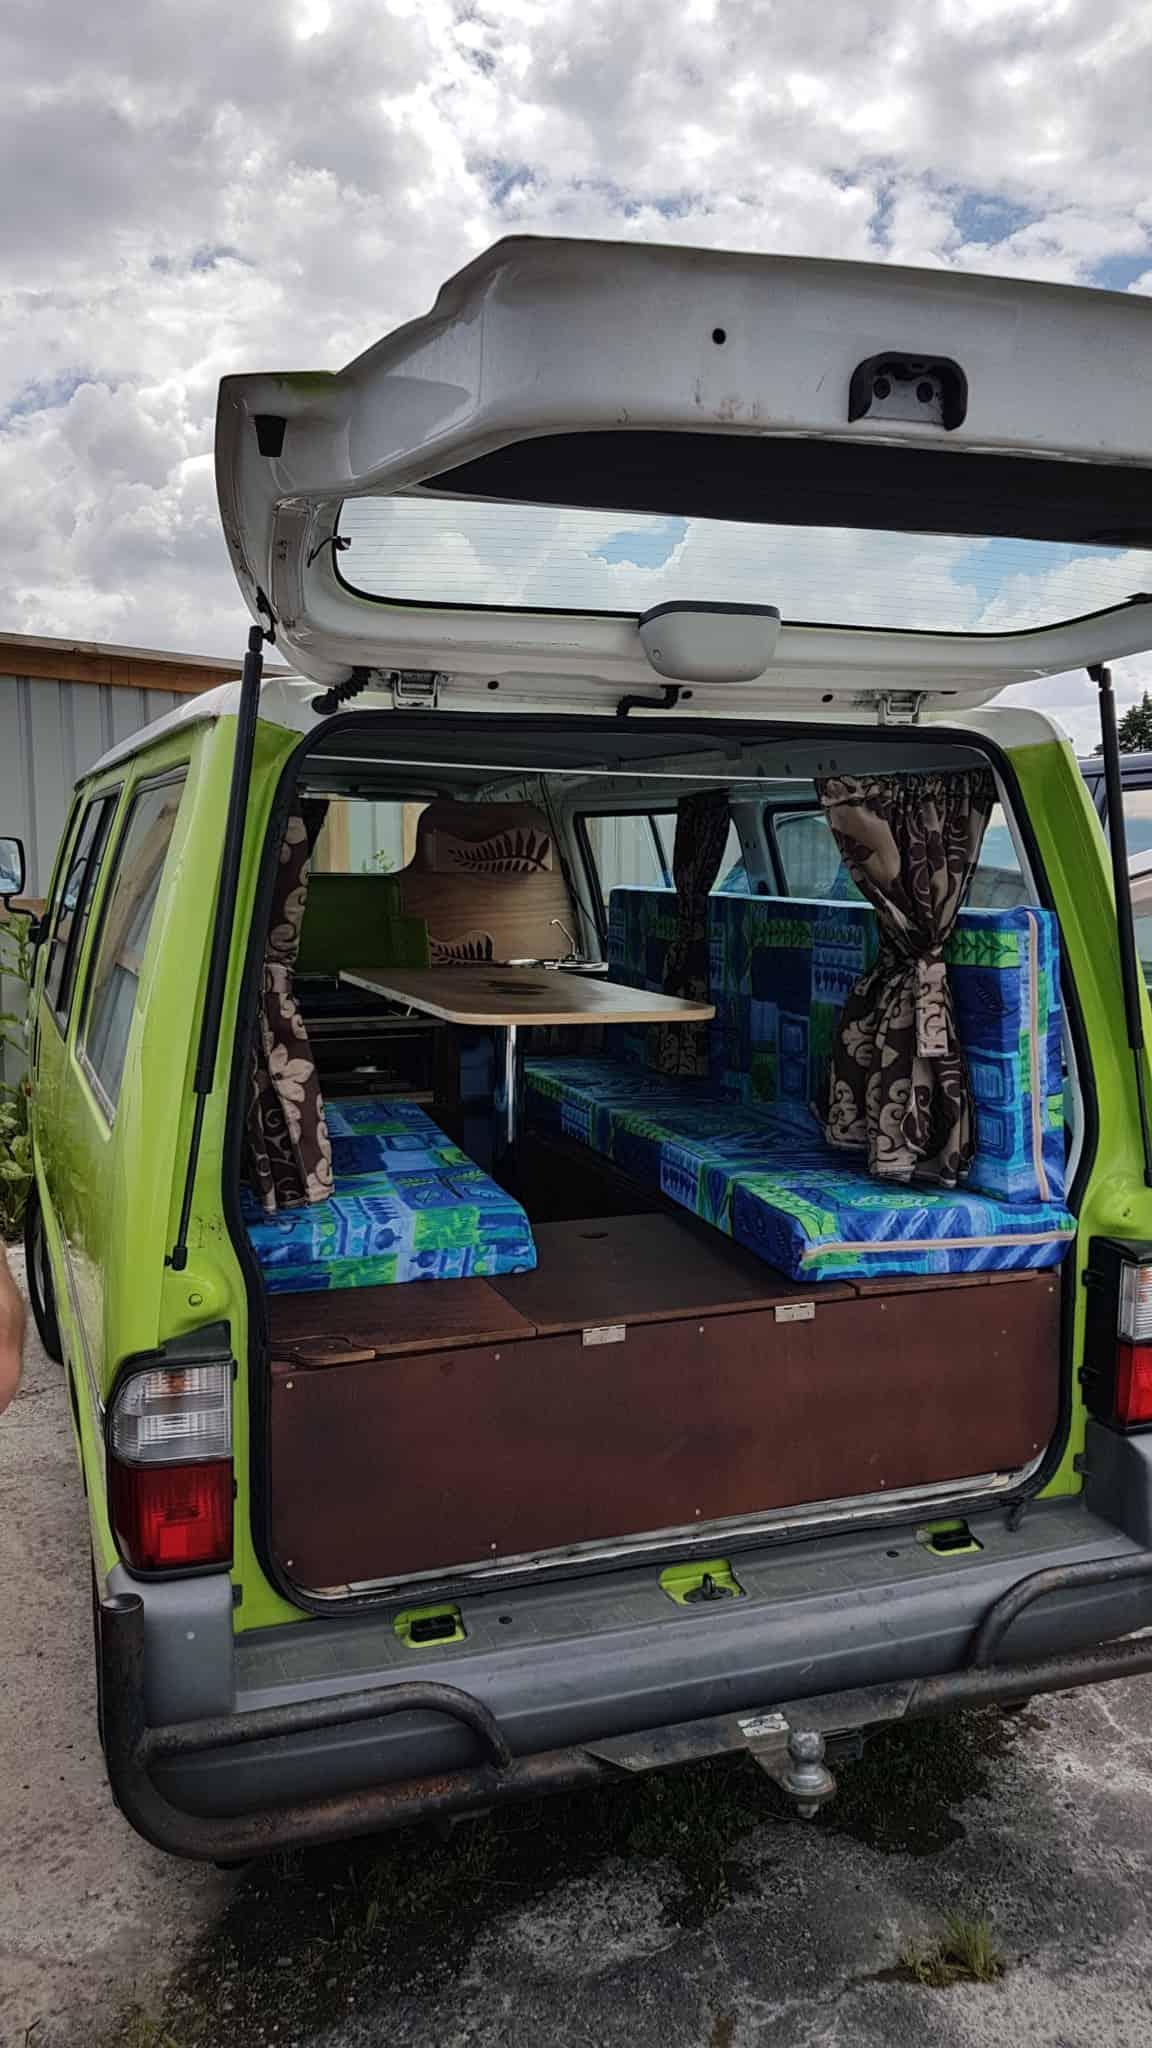 Nouvelle-Zélande, on récupère notre campervan 🚍 1